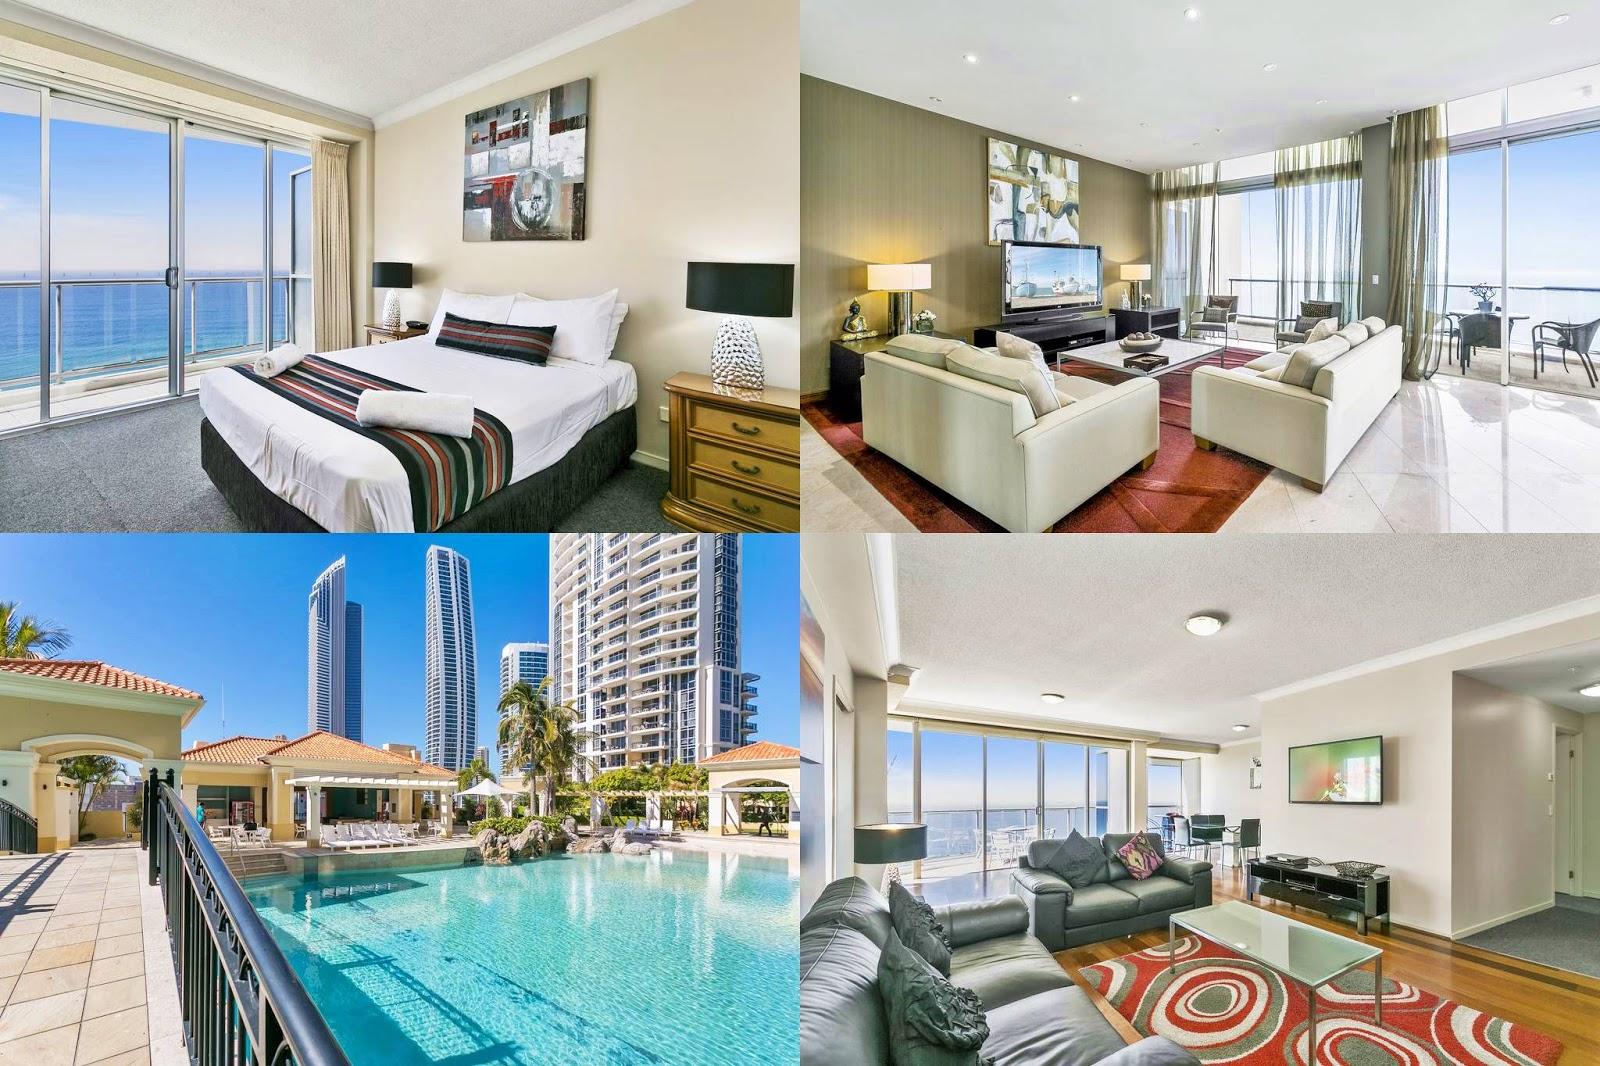 黃金海岸-住宿-推薦-飯店-酒店-雪佛龍大廈曼特拉集團公寓式酒店-Mantra-Towers-of-Chevron-旅館-民宿-公寓-旅遊-澳洲-Gold-Coast-Hotel-Apartment-Australia